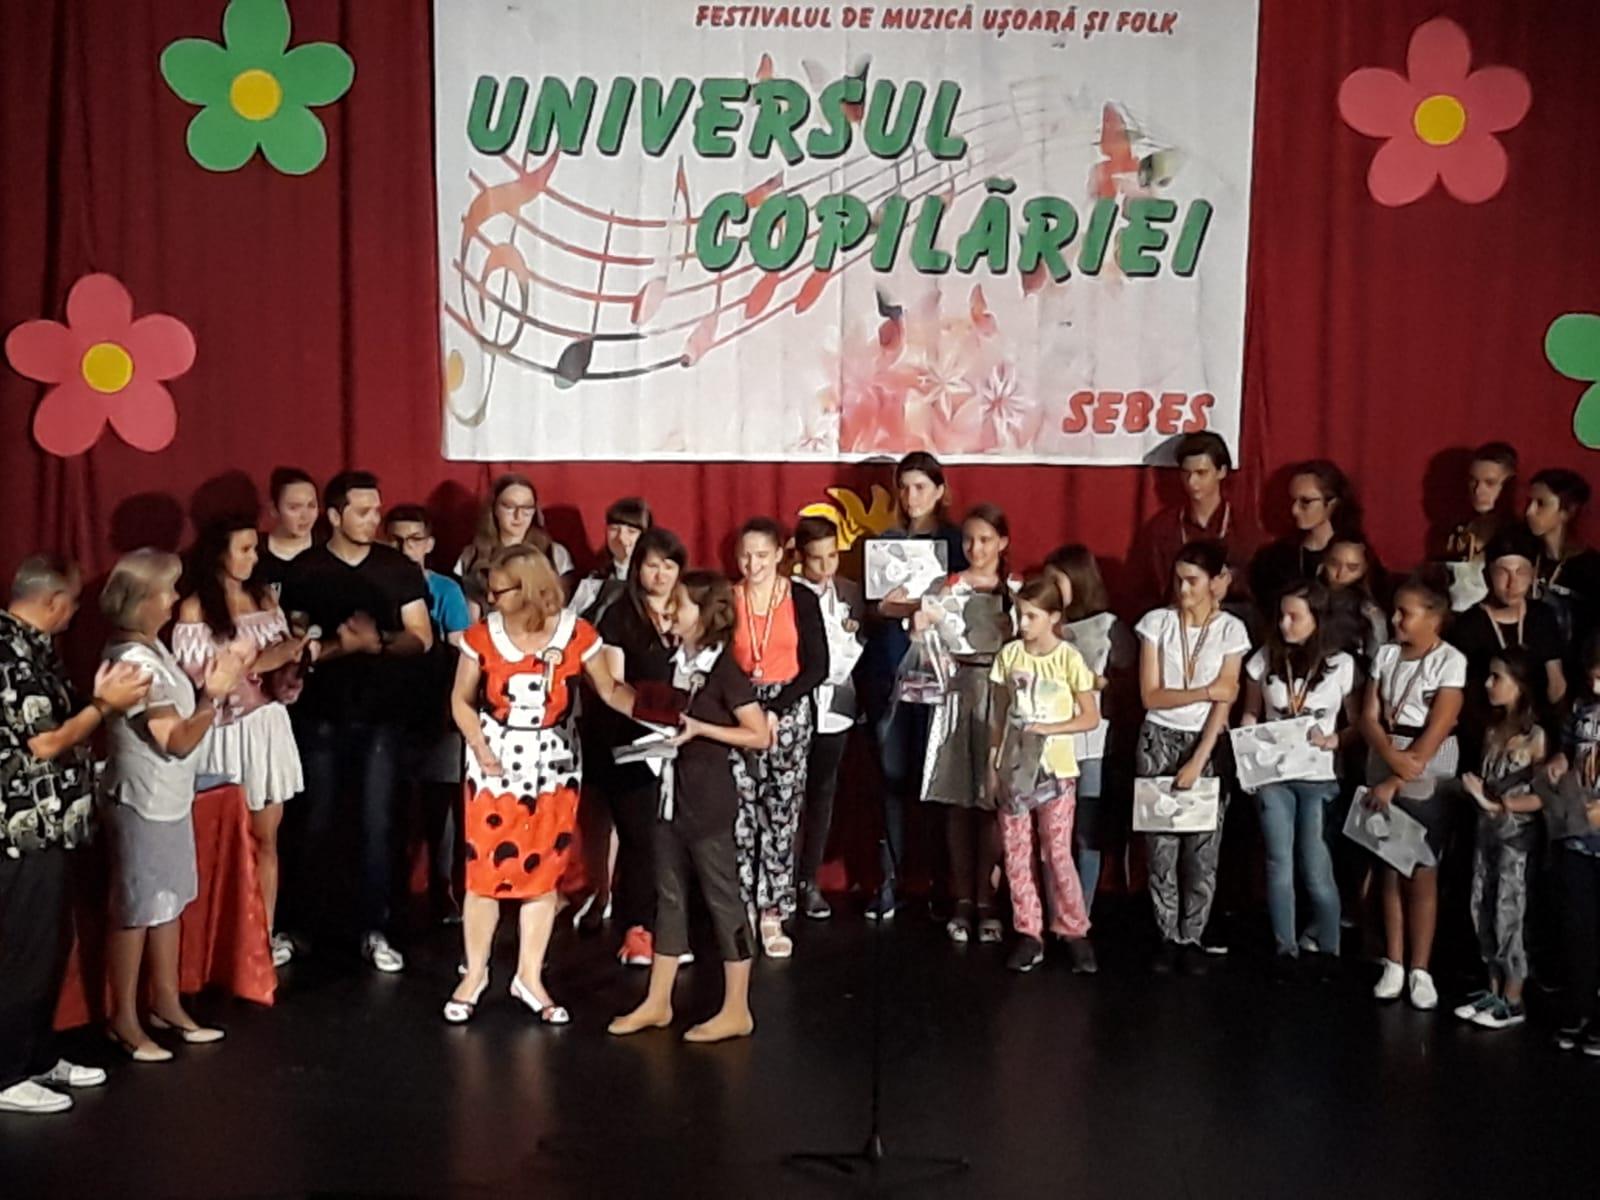 Câștigătorii Festivalului de muzică ușoară și folk ~Universul copilăriei~ Sebeș, 22-24 iunie